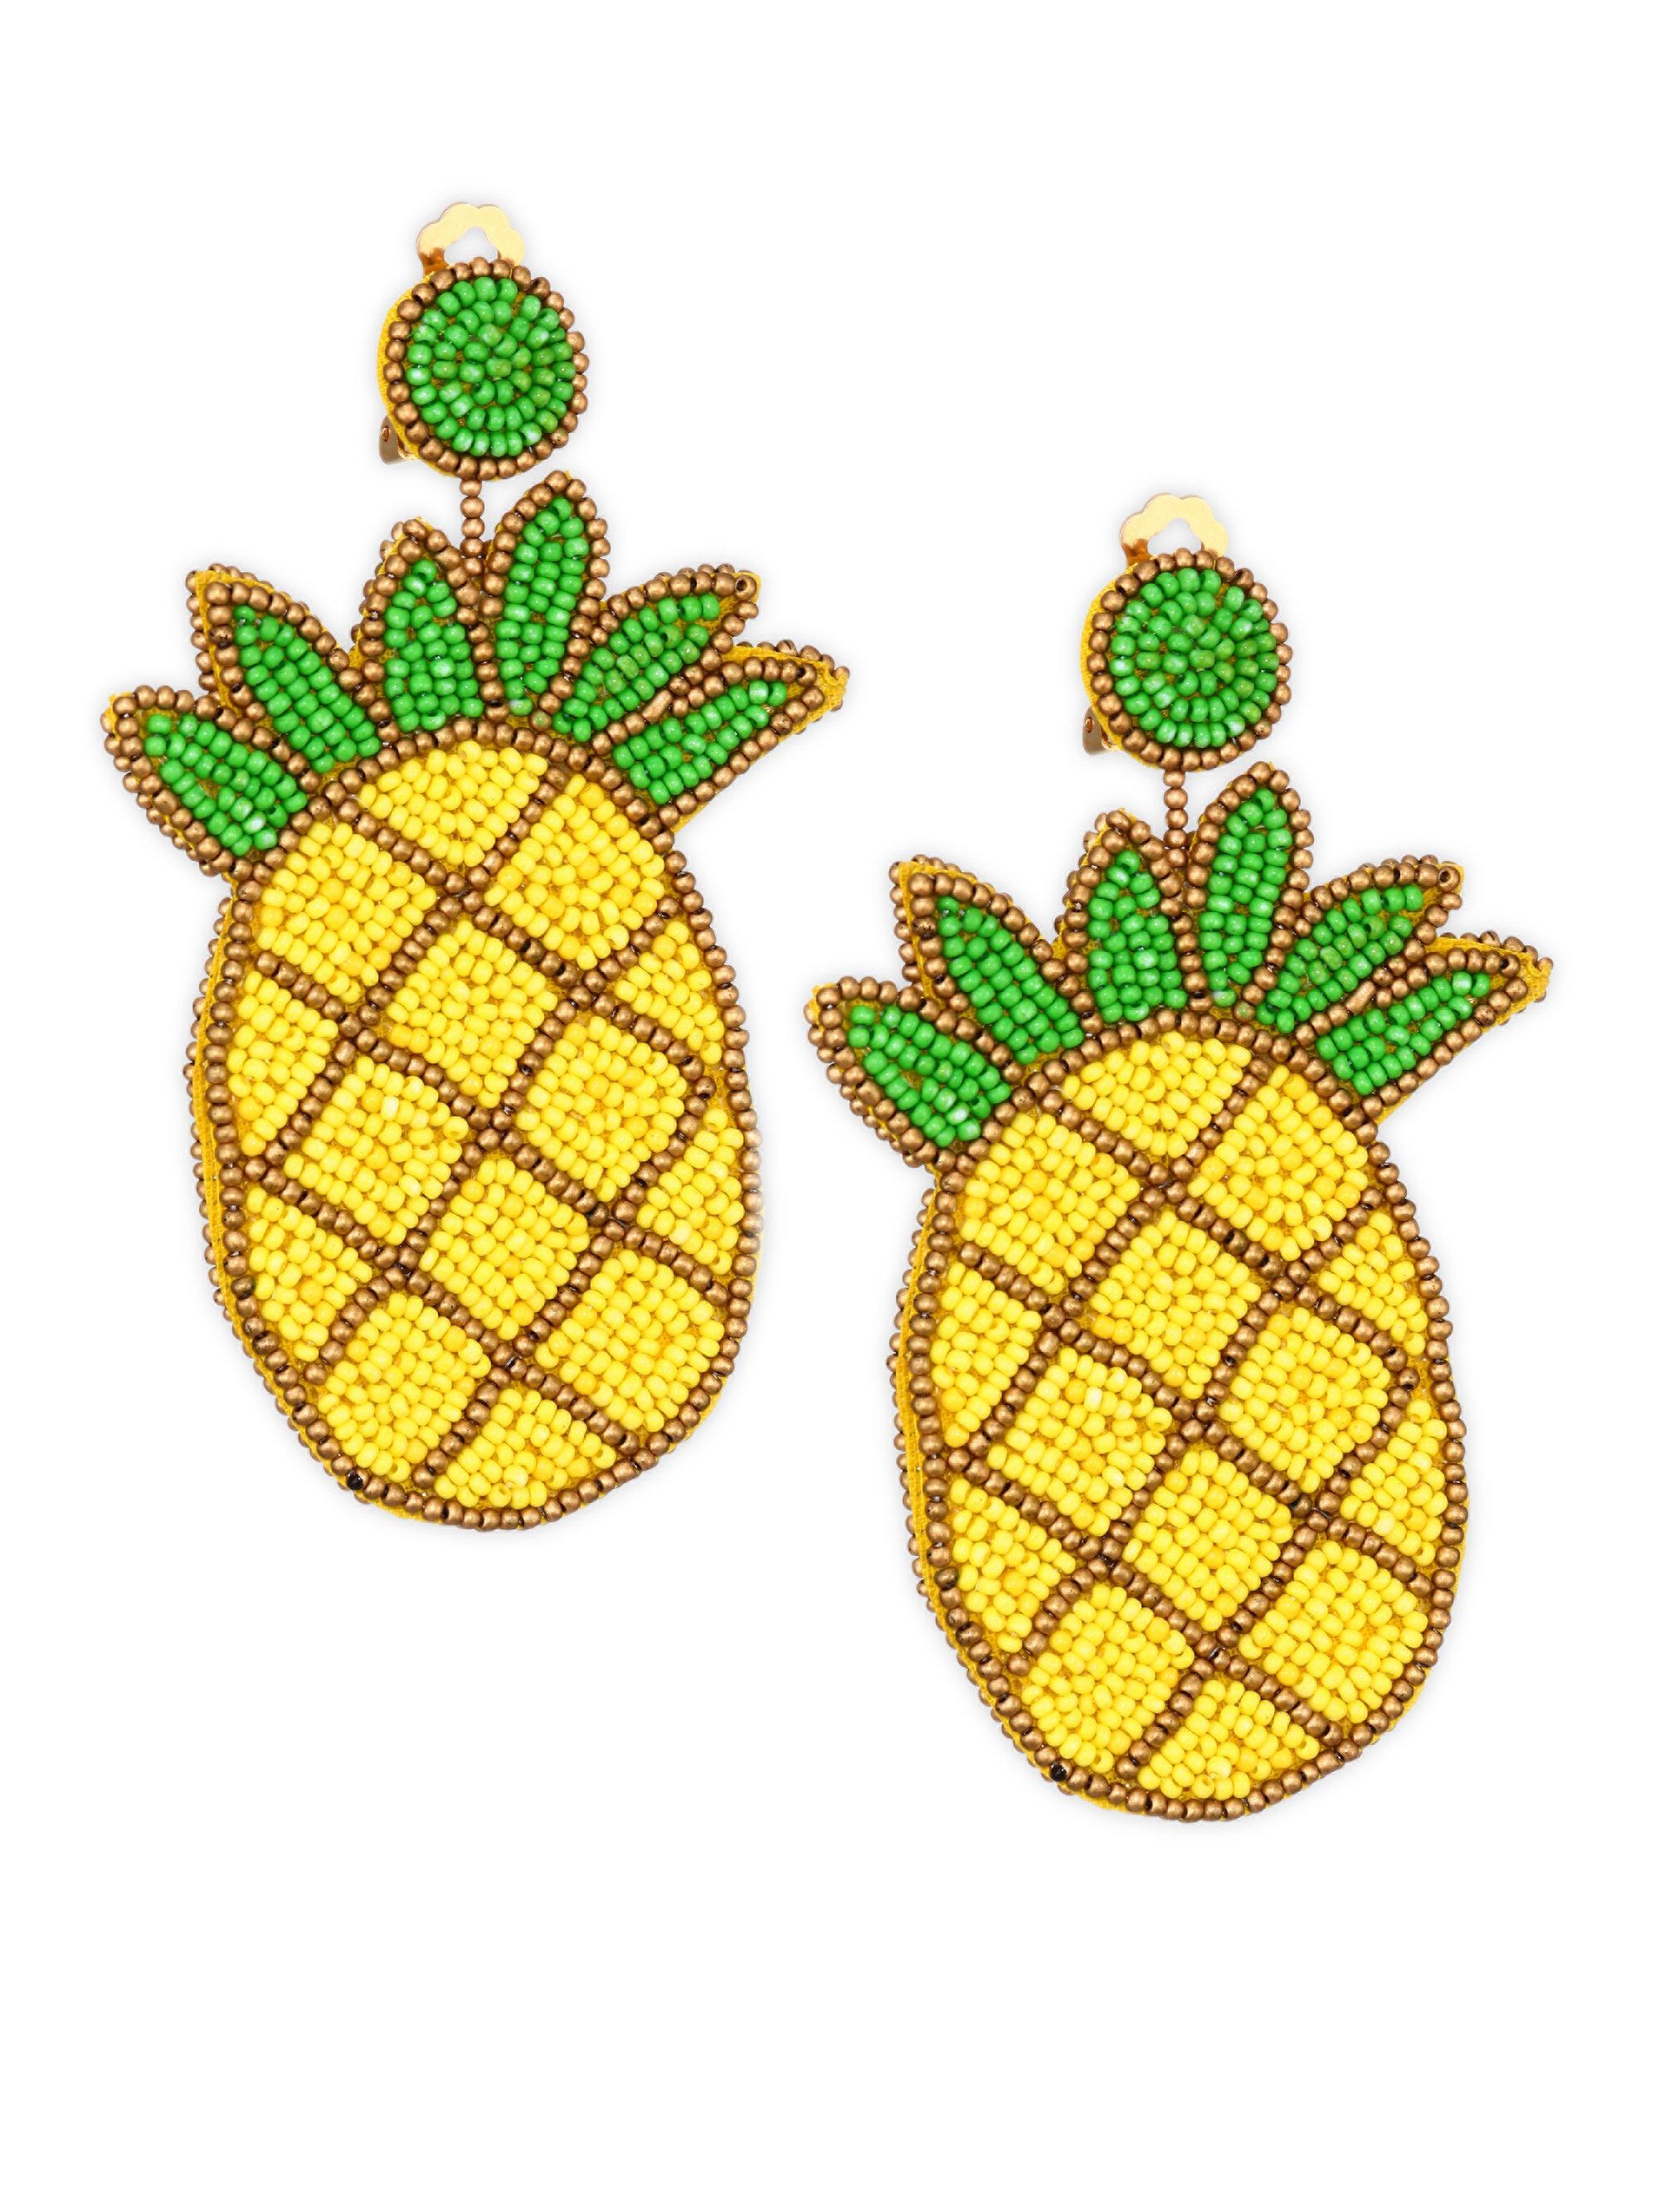 Kenneth Jay Lane Watermelon Seed Bead Earrings PtNXcSp